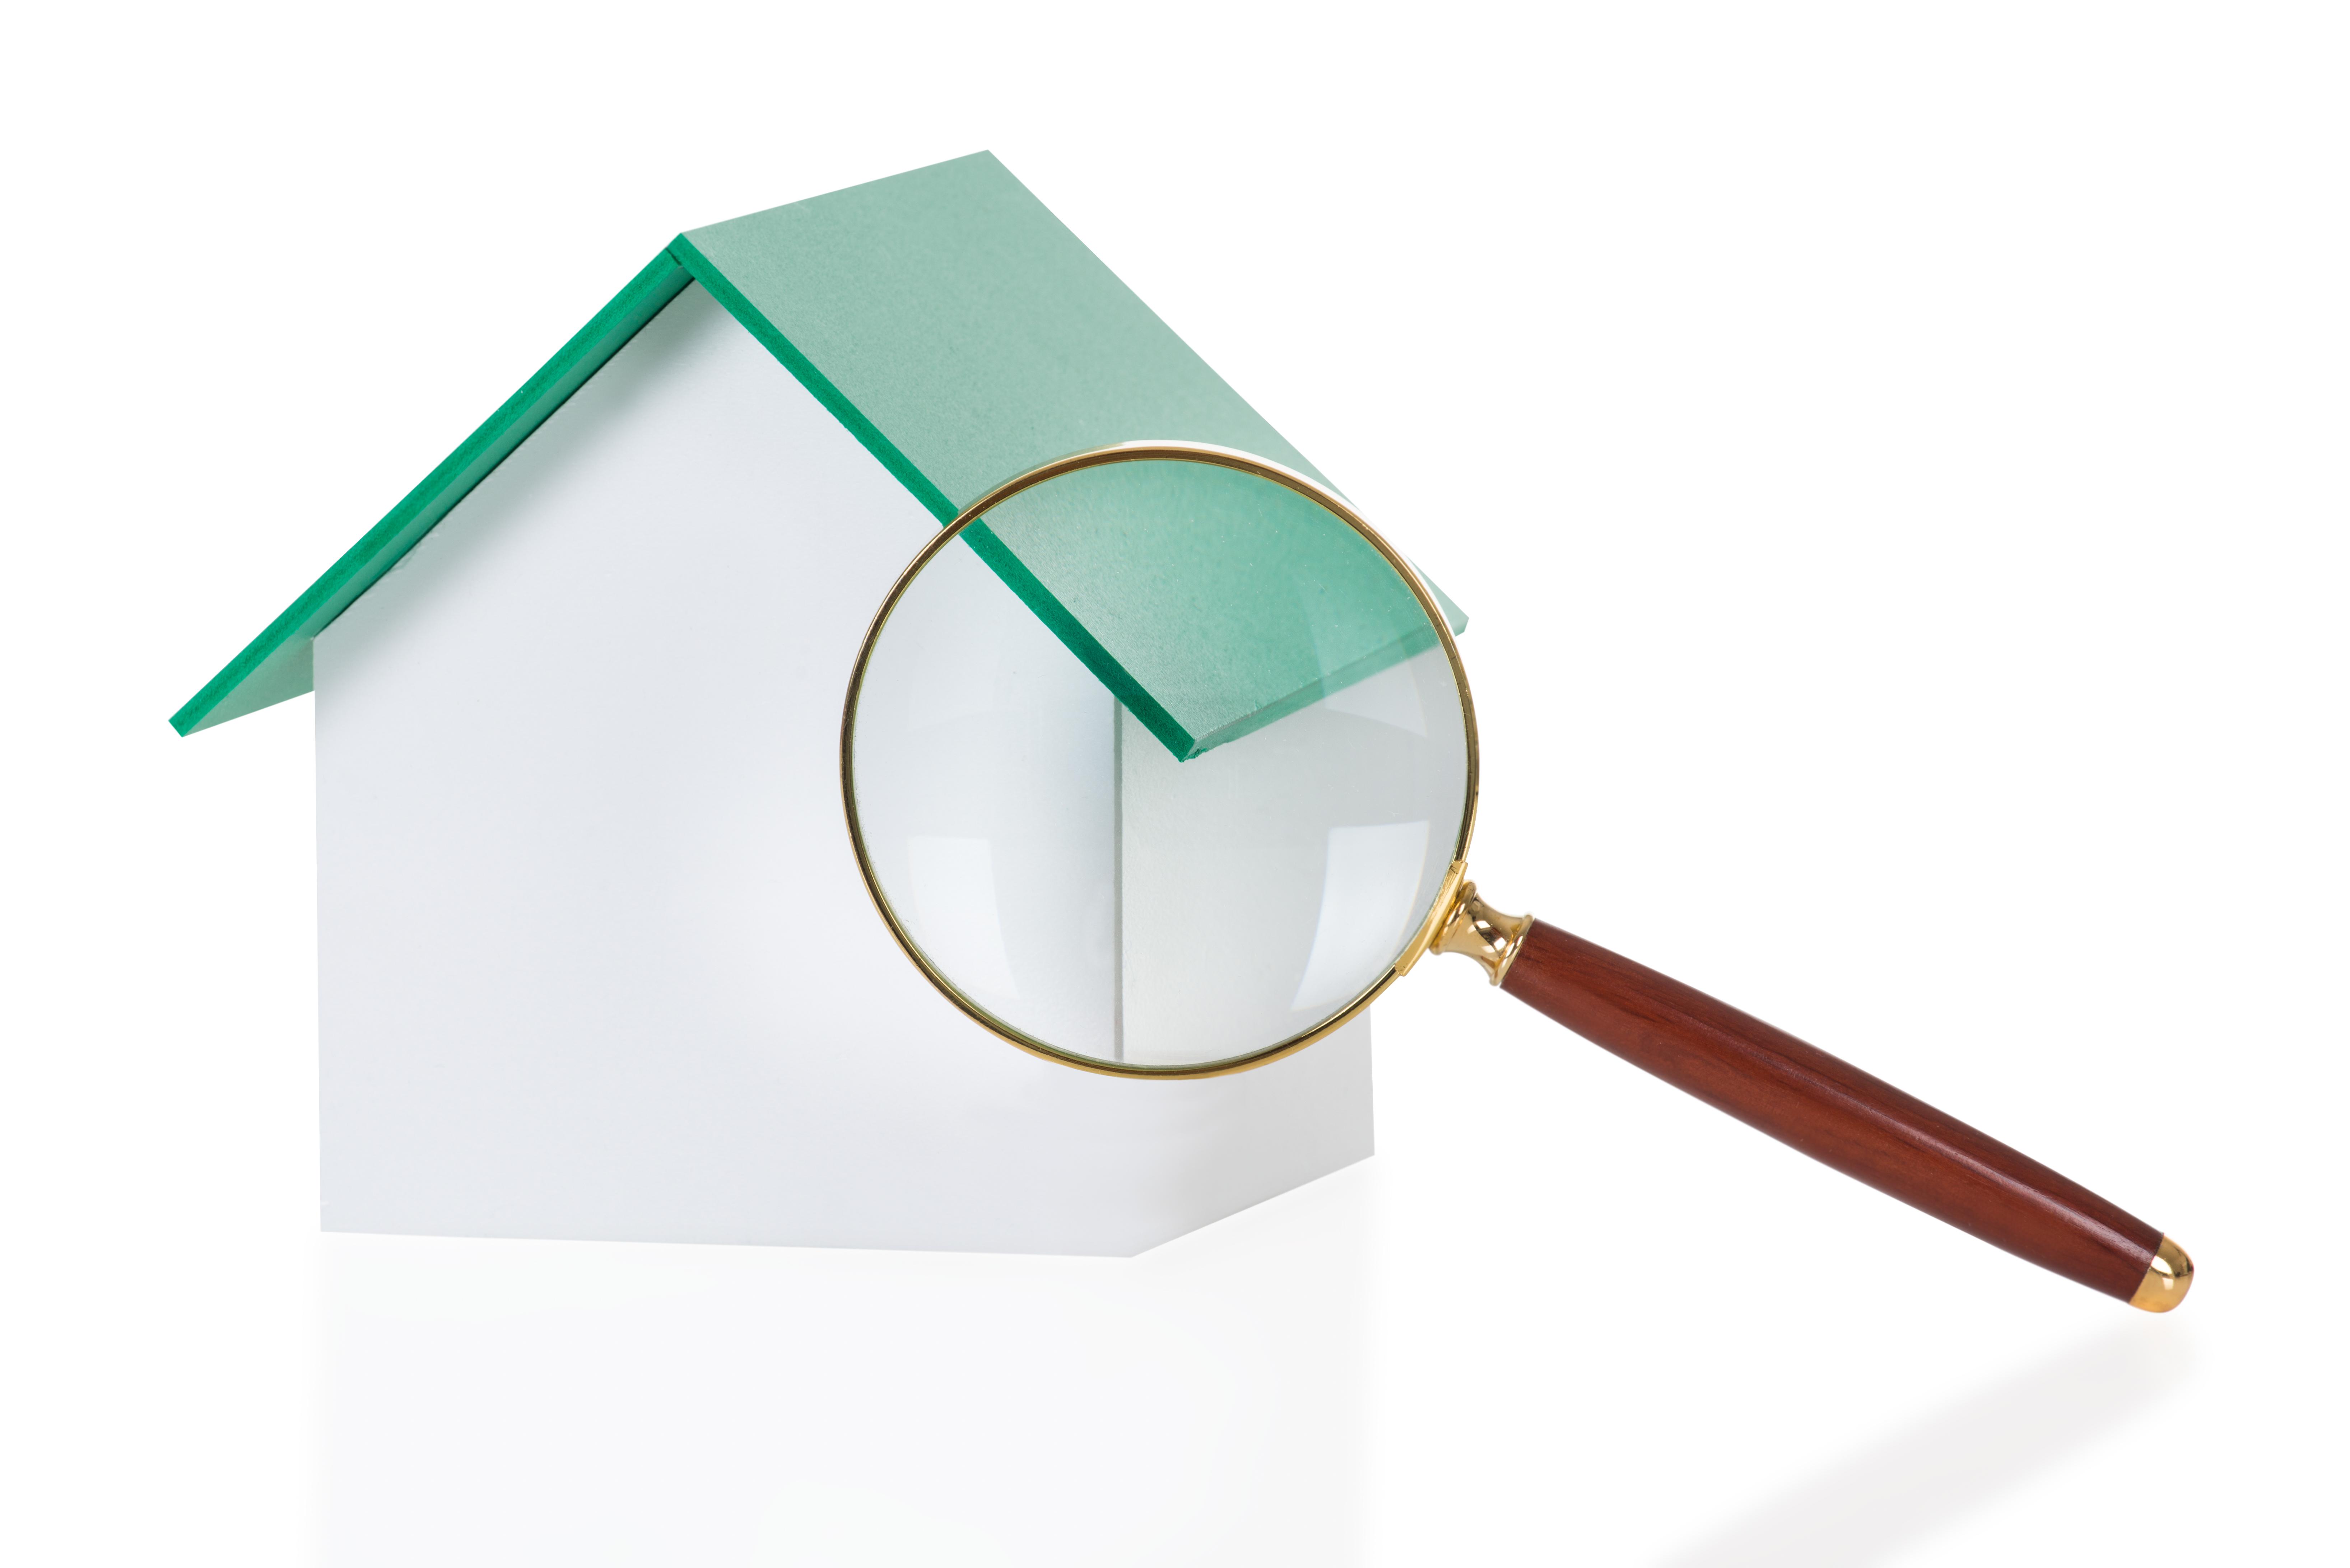 Cessione contratto locazione e imposta di registro / Gtres